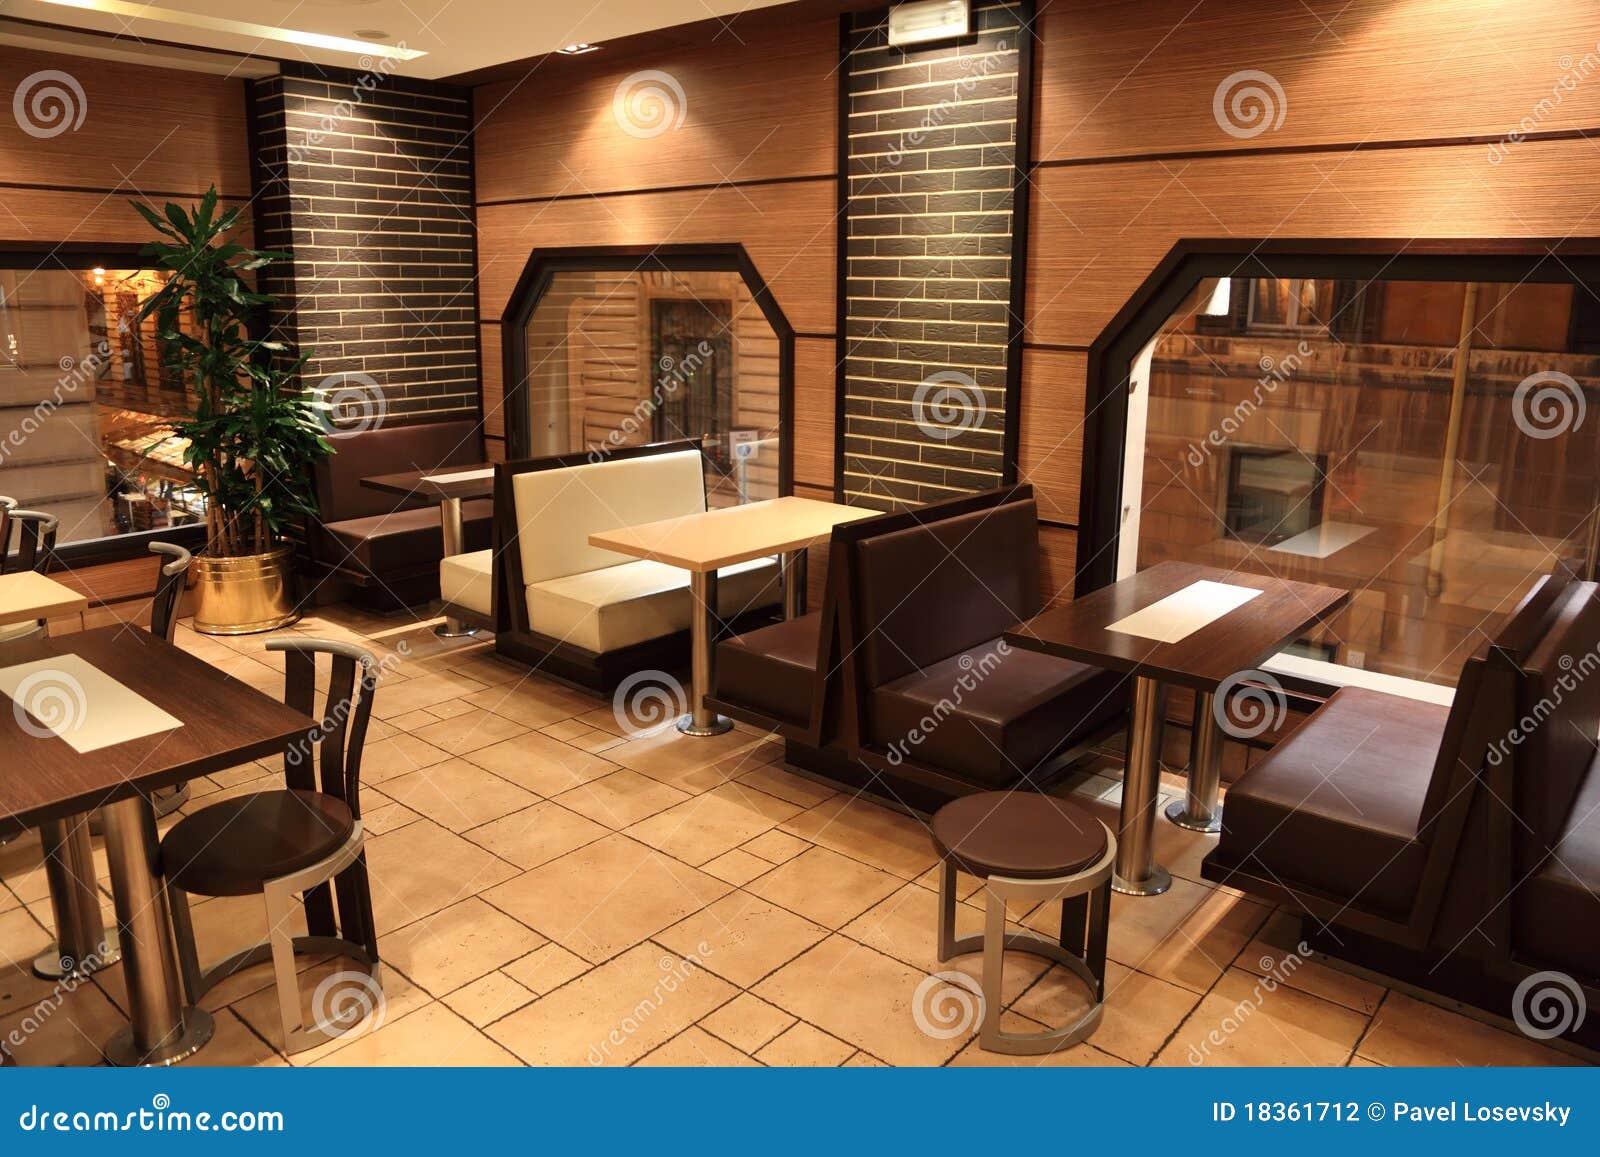 Vectores Sillas Y Ventanas En Peque 241 O Restaurante Foto De